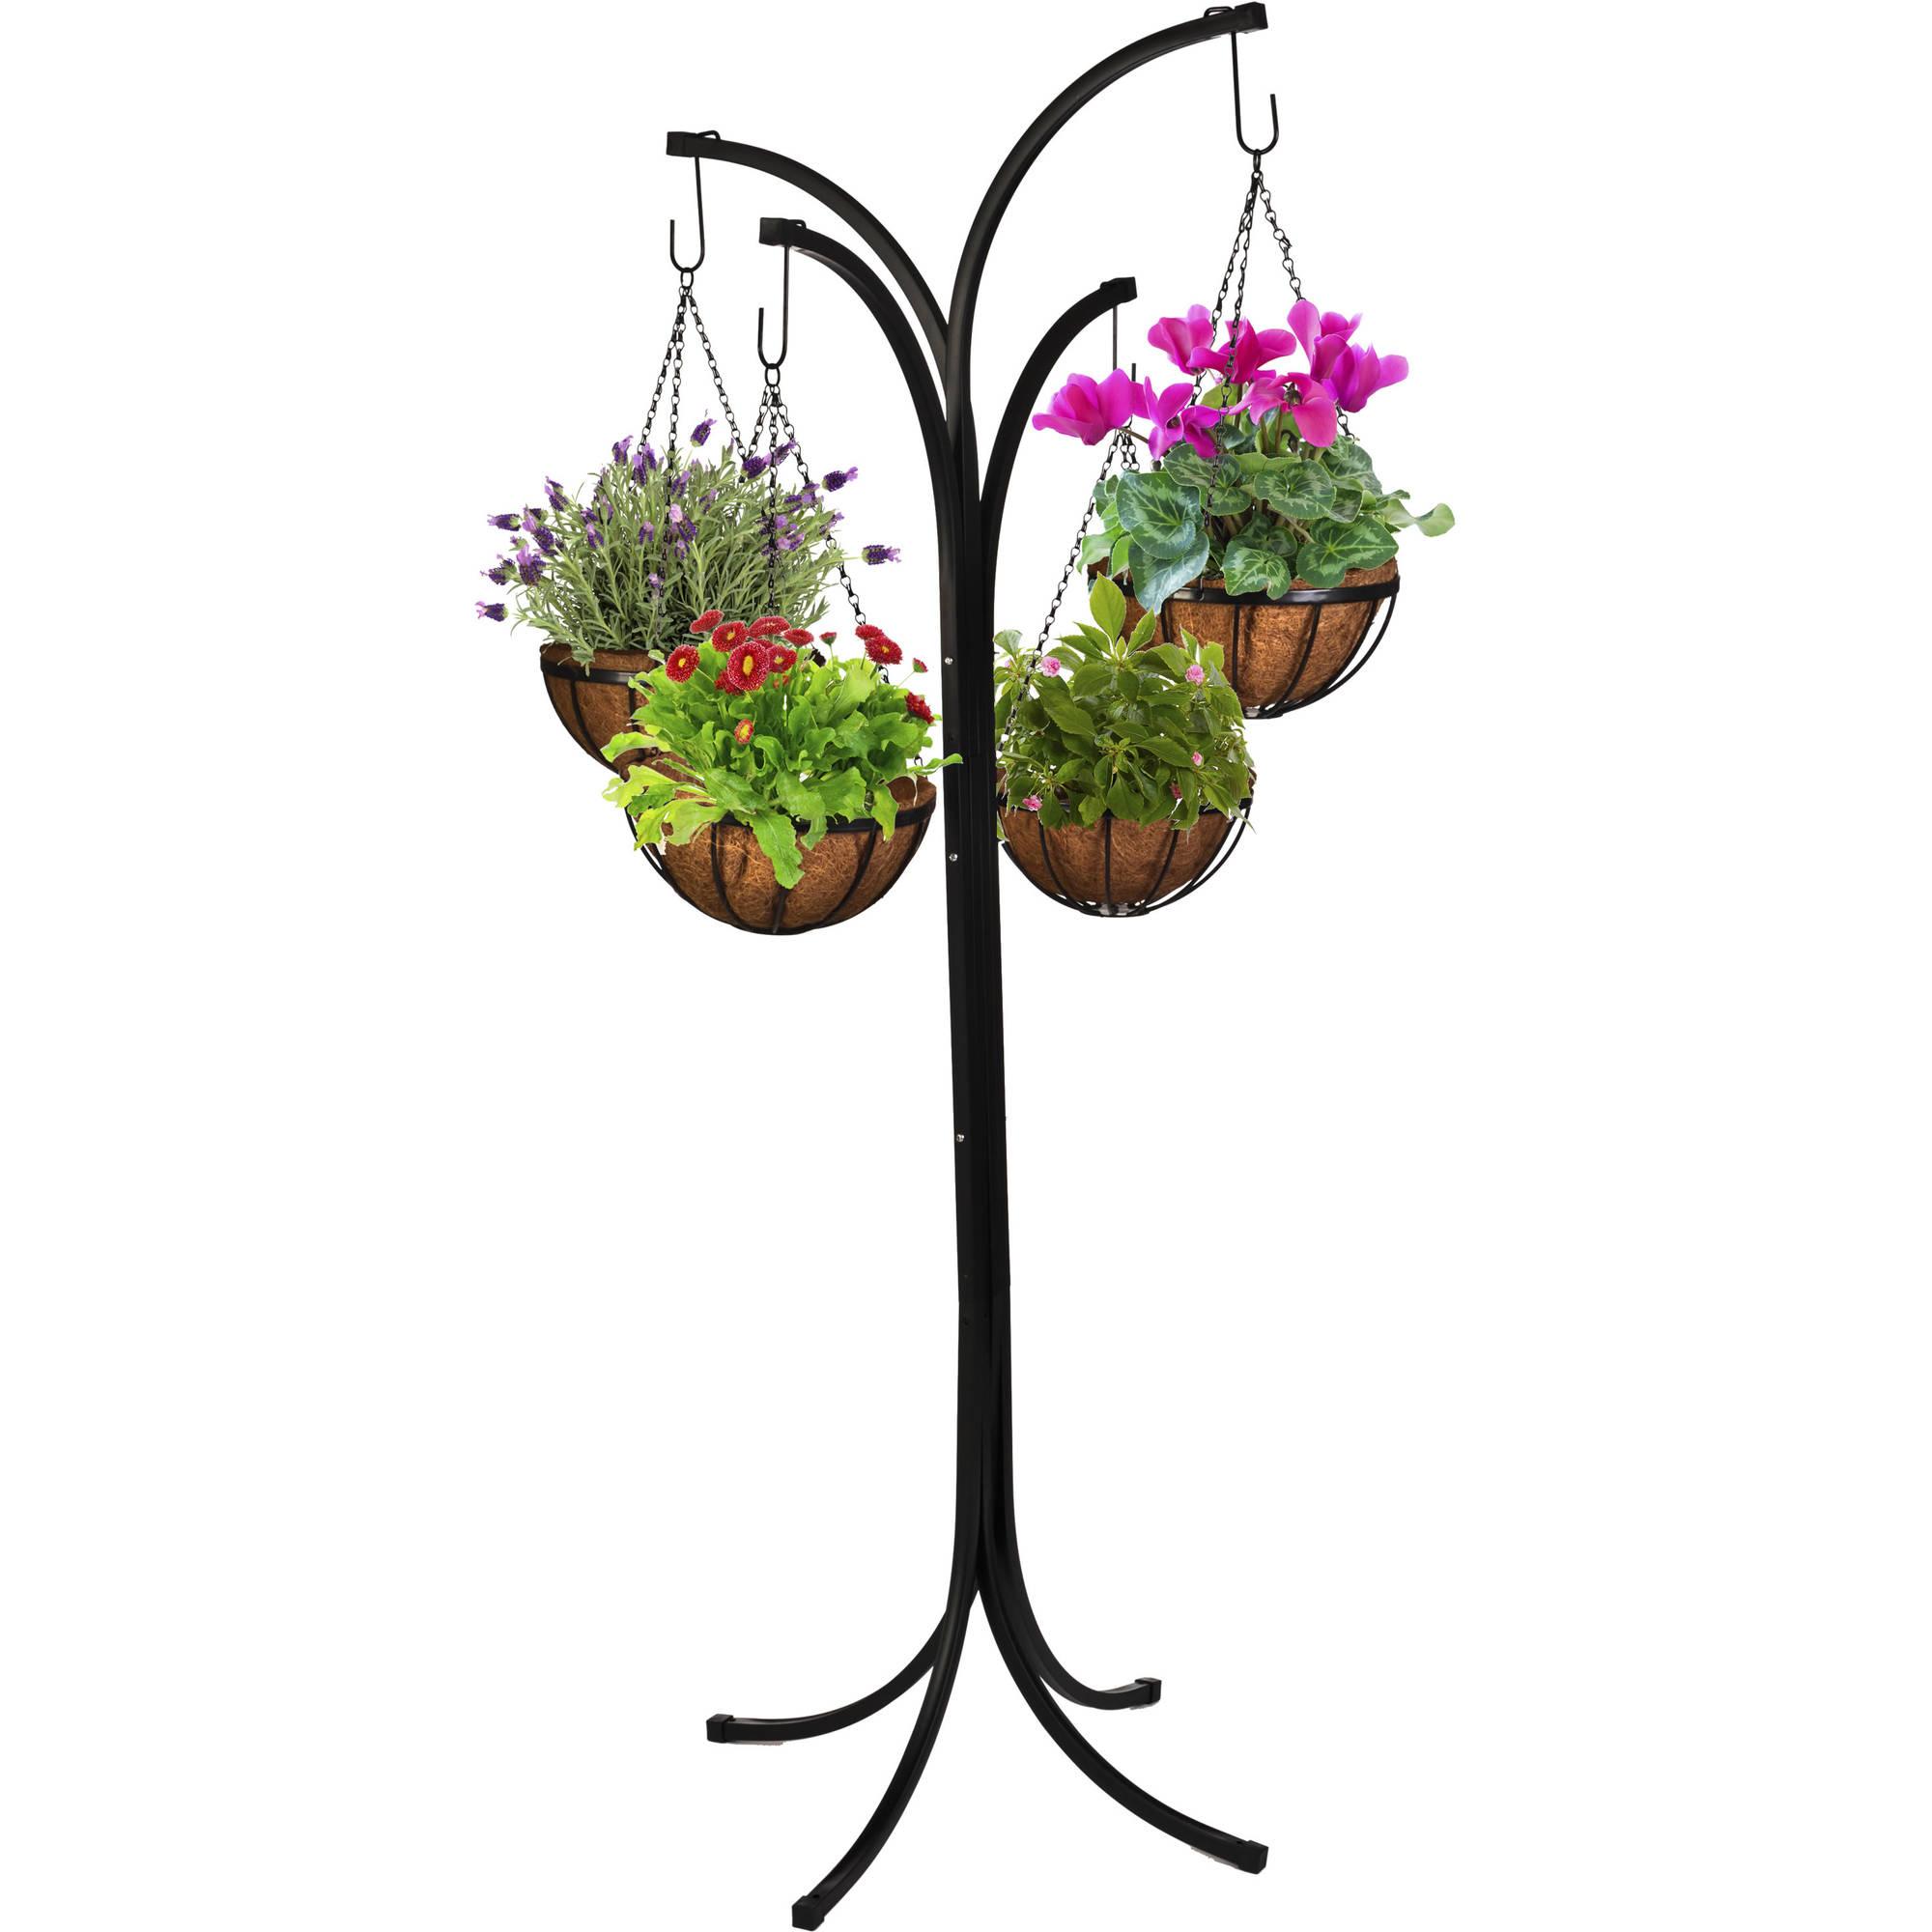 Cobraco plant stand walmart com